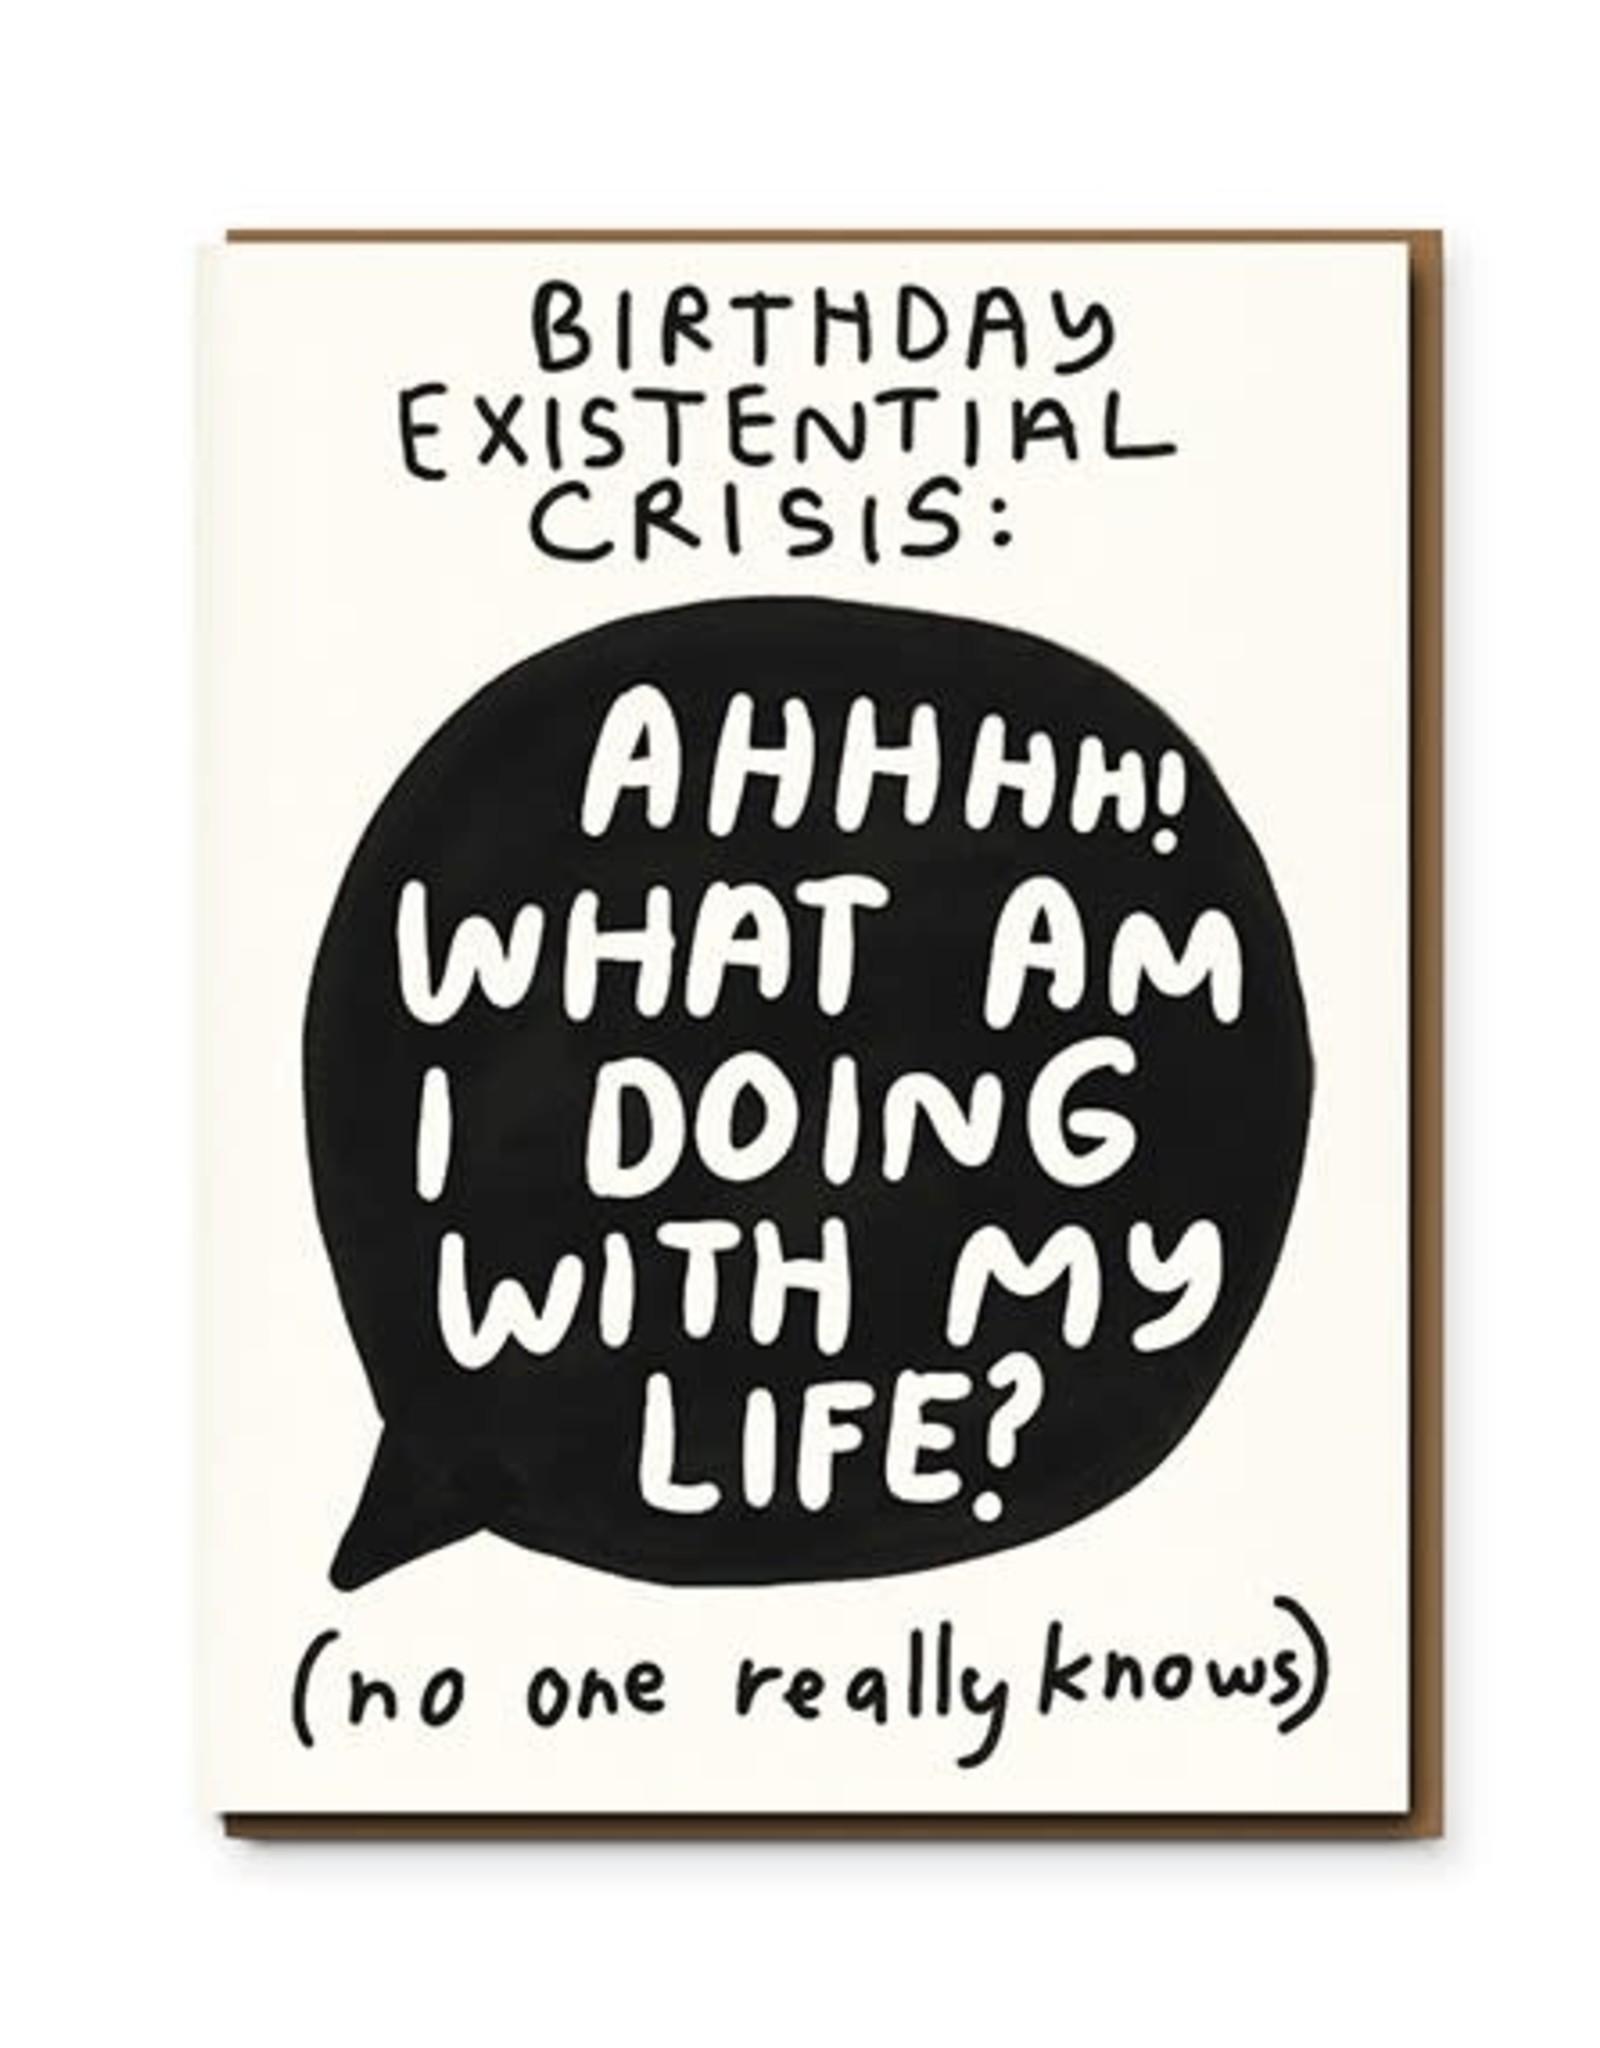 Paper E Clips Paper E Clips Birthday Crisis